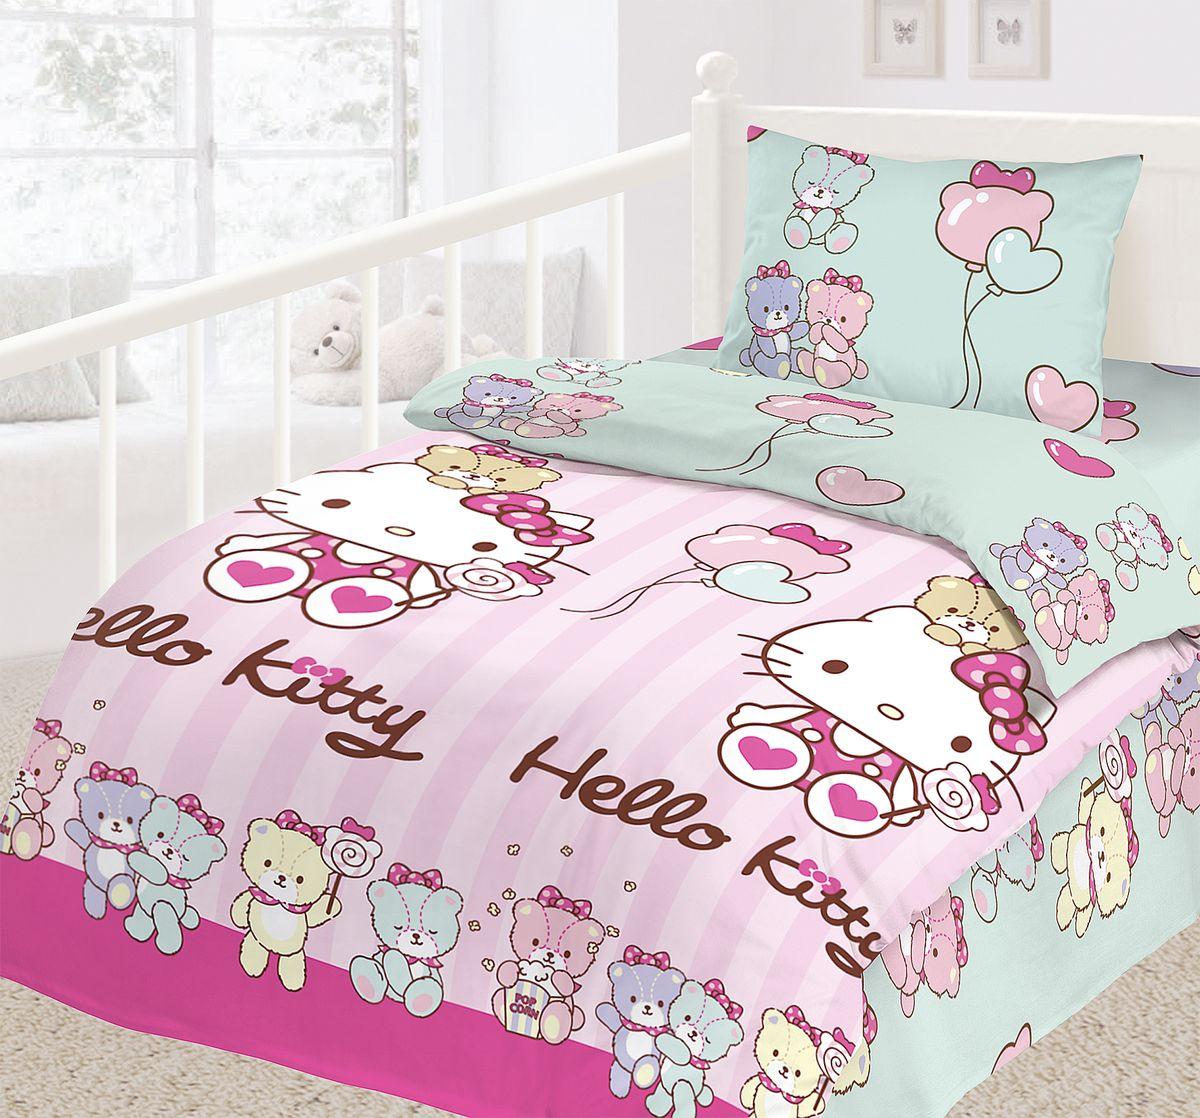 Комплект белья Hello Kitty, , наволочки 40 х 60. 180088180088